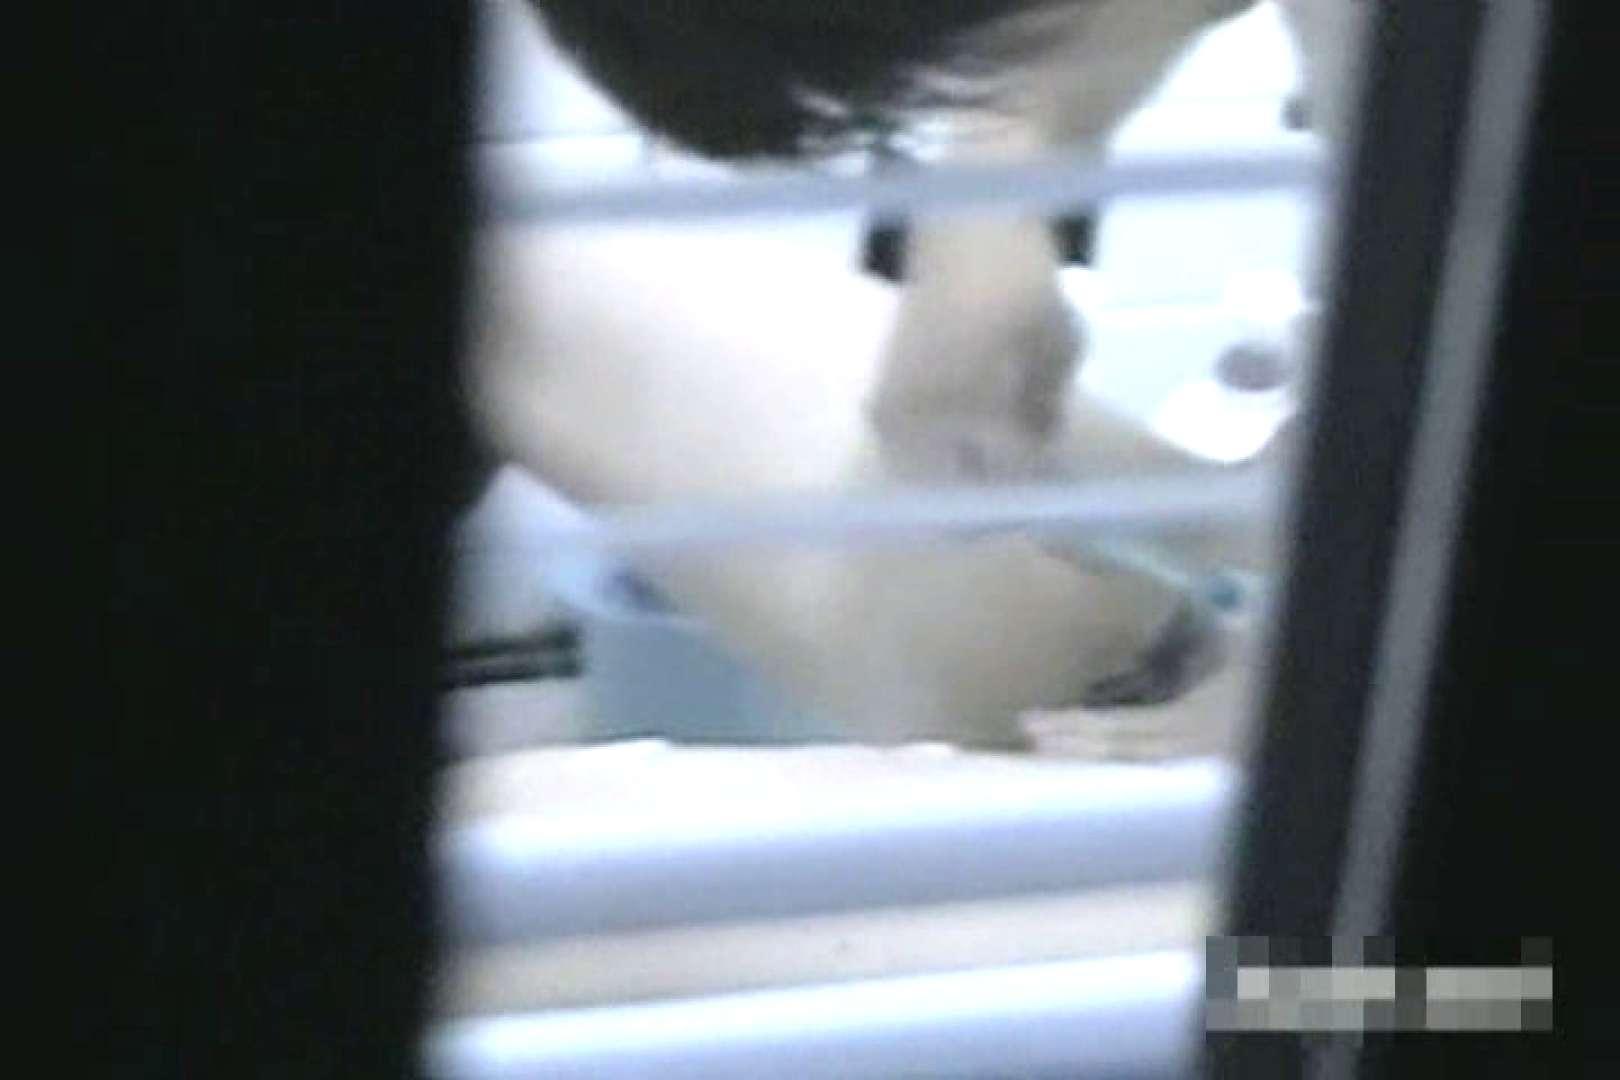 激撮ストーカー記録あなたのお宅拝見しますVol.4 エロすぎオナニー AV動画キャプチャ 82画像 81